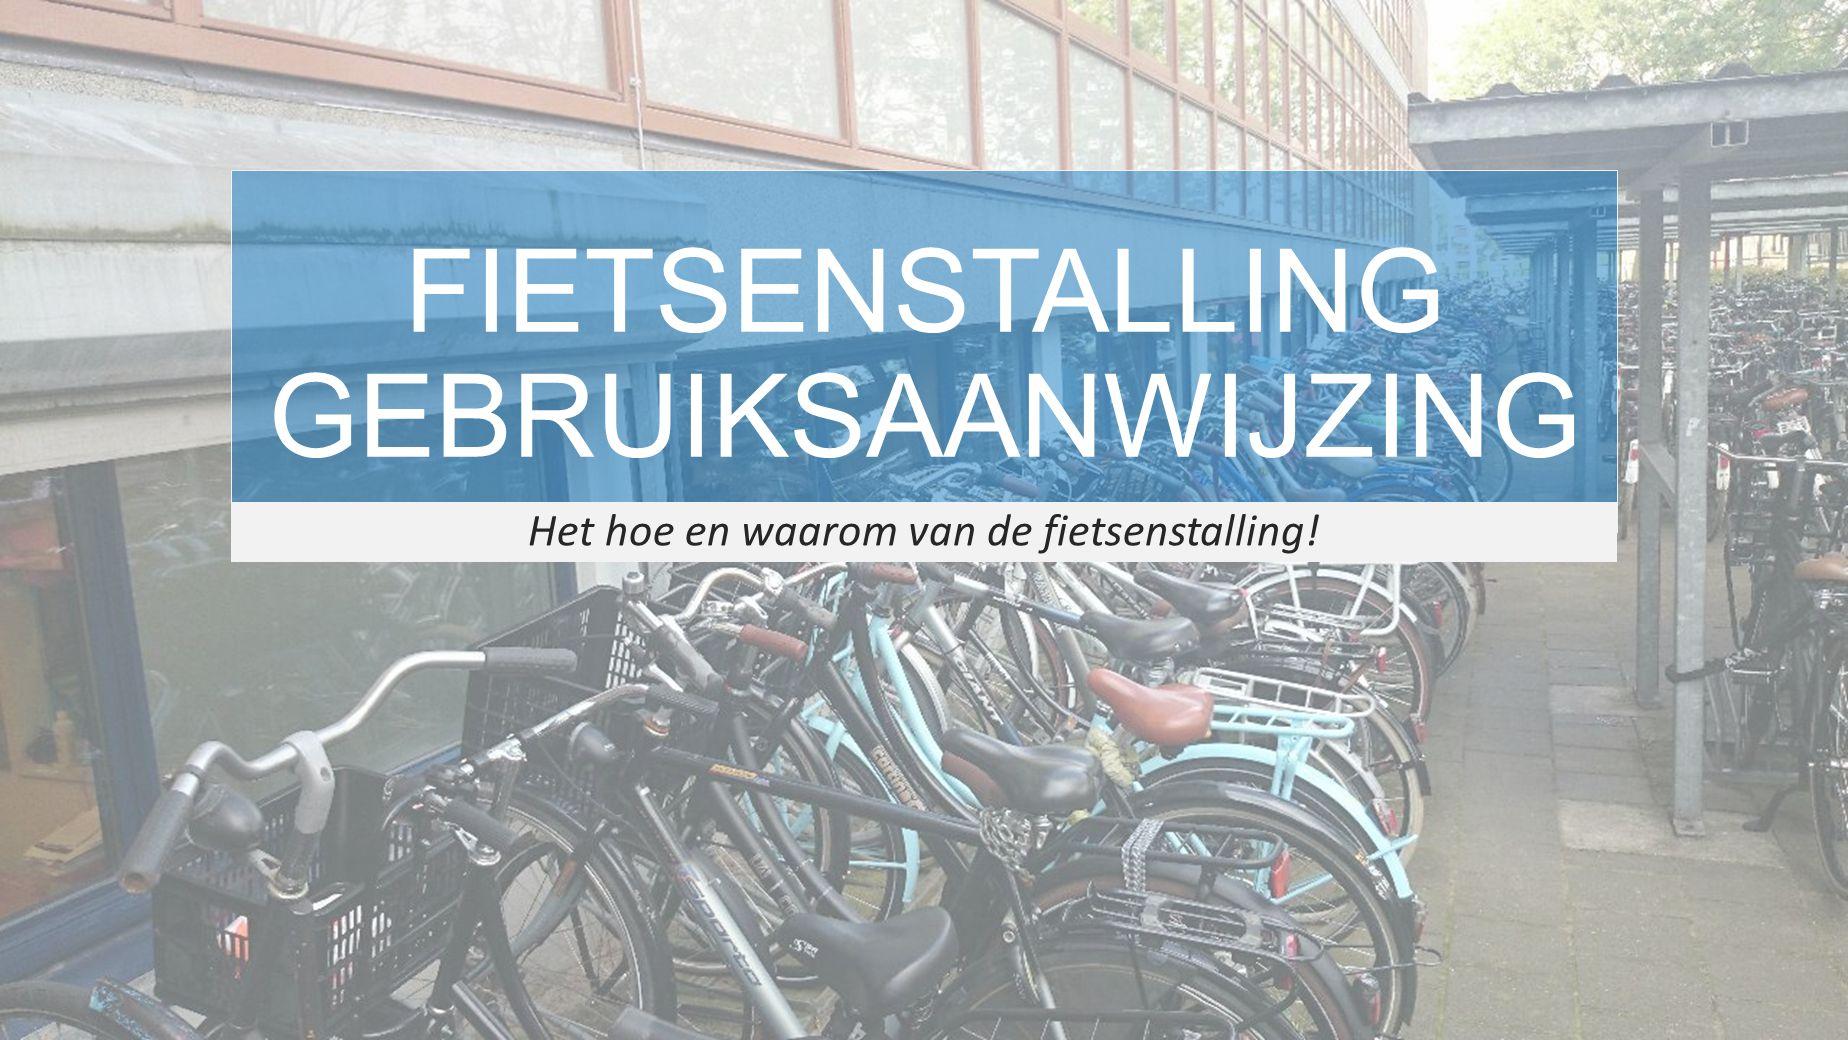 FIETSENSTALLING GEBRUIKSAANWIJZING Het hoe en waarom van de fietsenstalling!